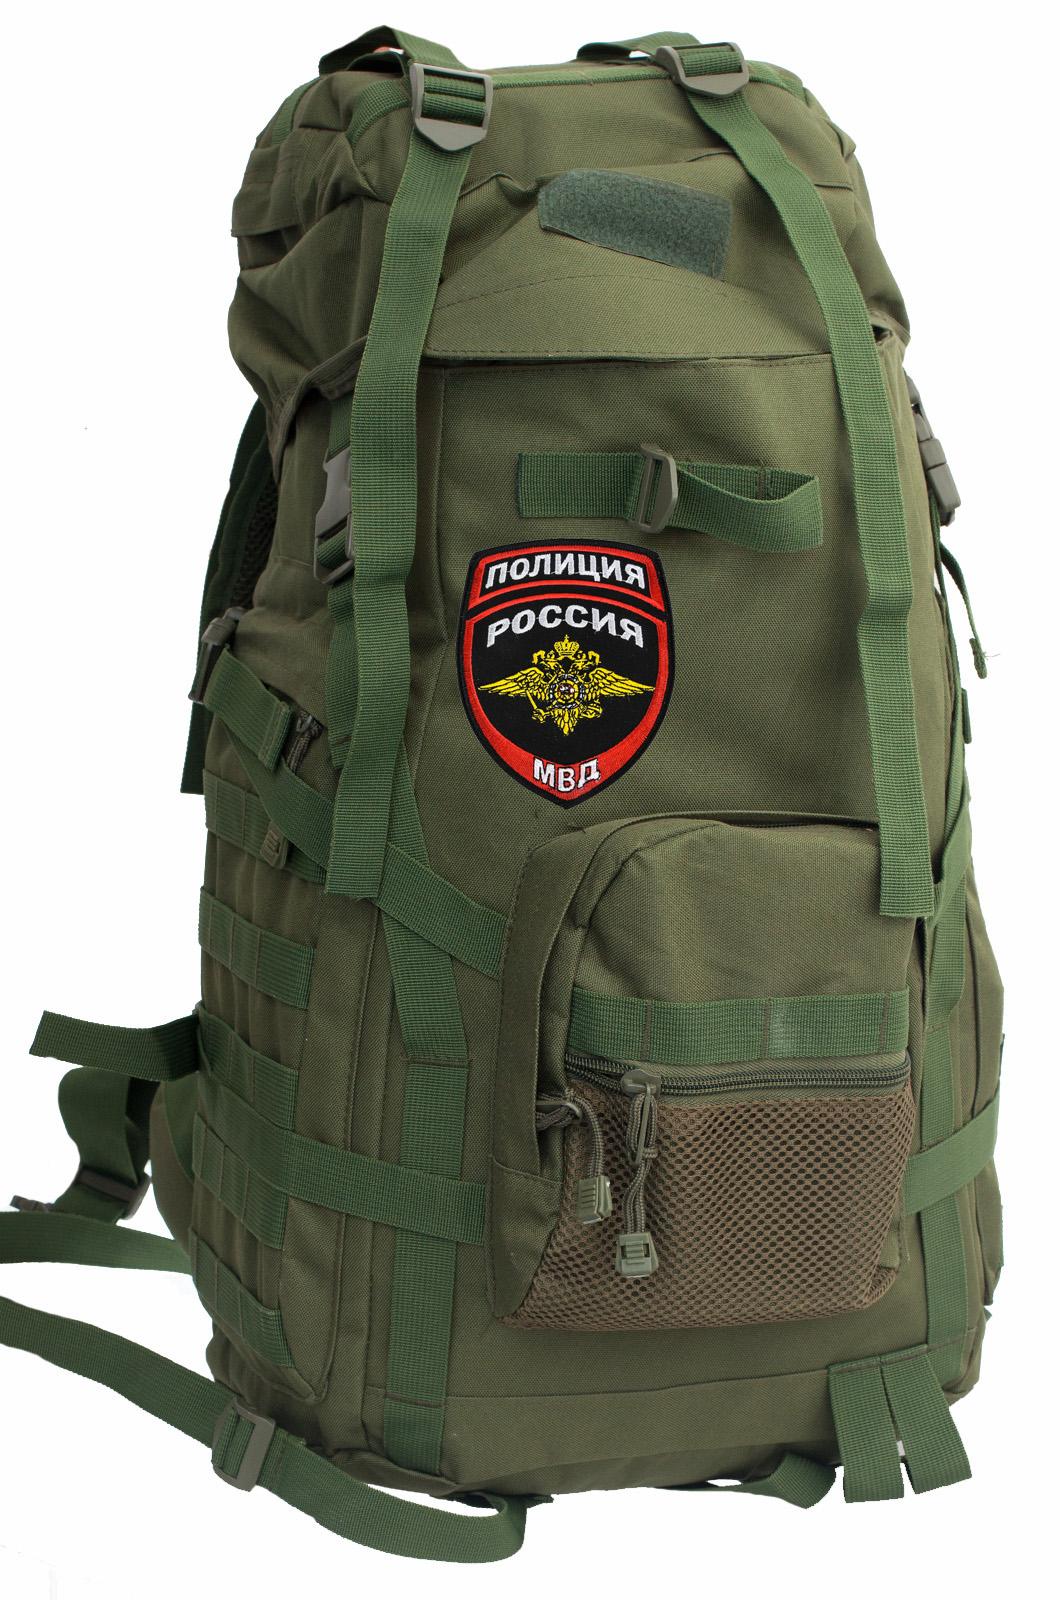 Практичный рейдовый рюкзак с нашивкой Полиция России - заказать в подарок